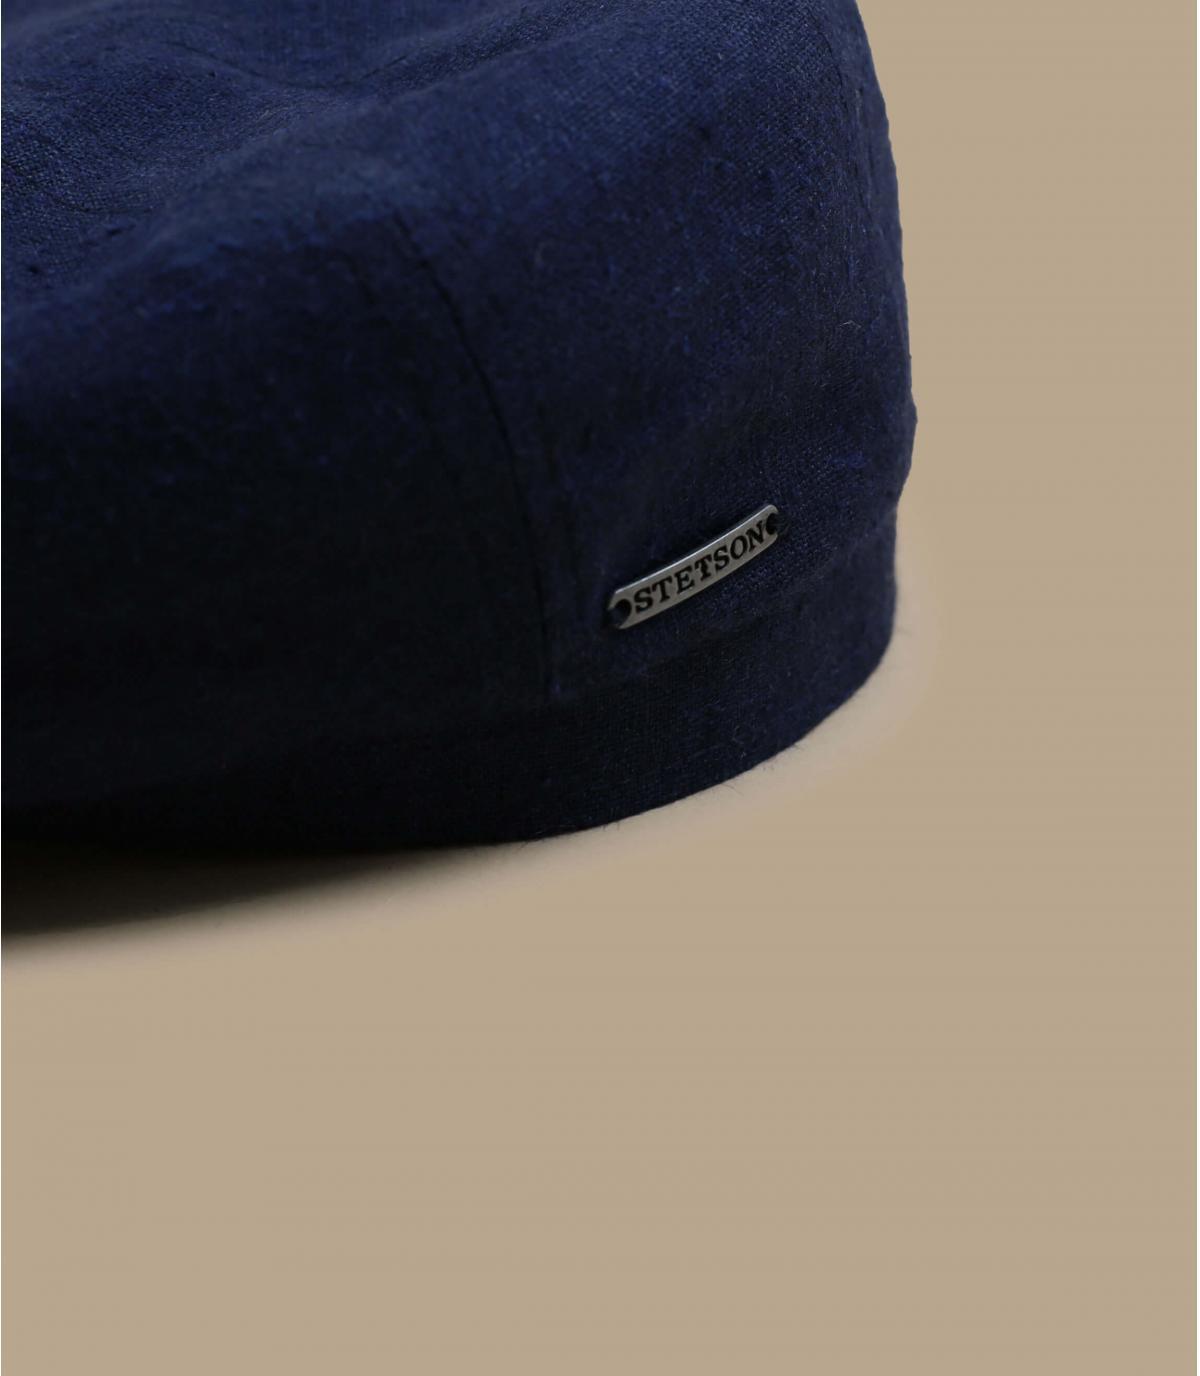 Details Hatteras Linen silk navy - Abbildung 2